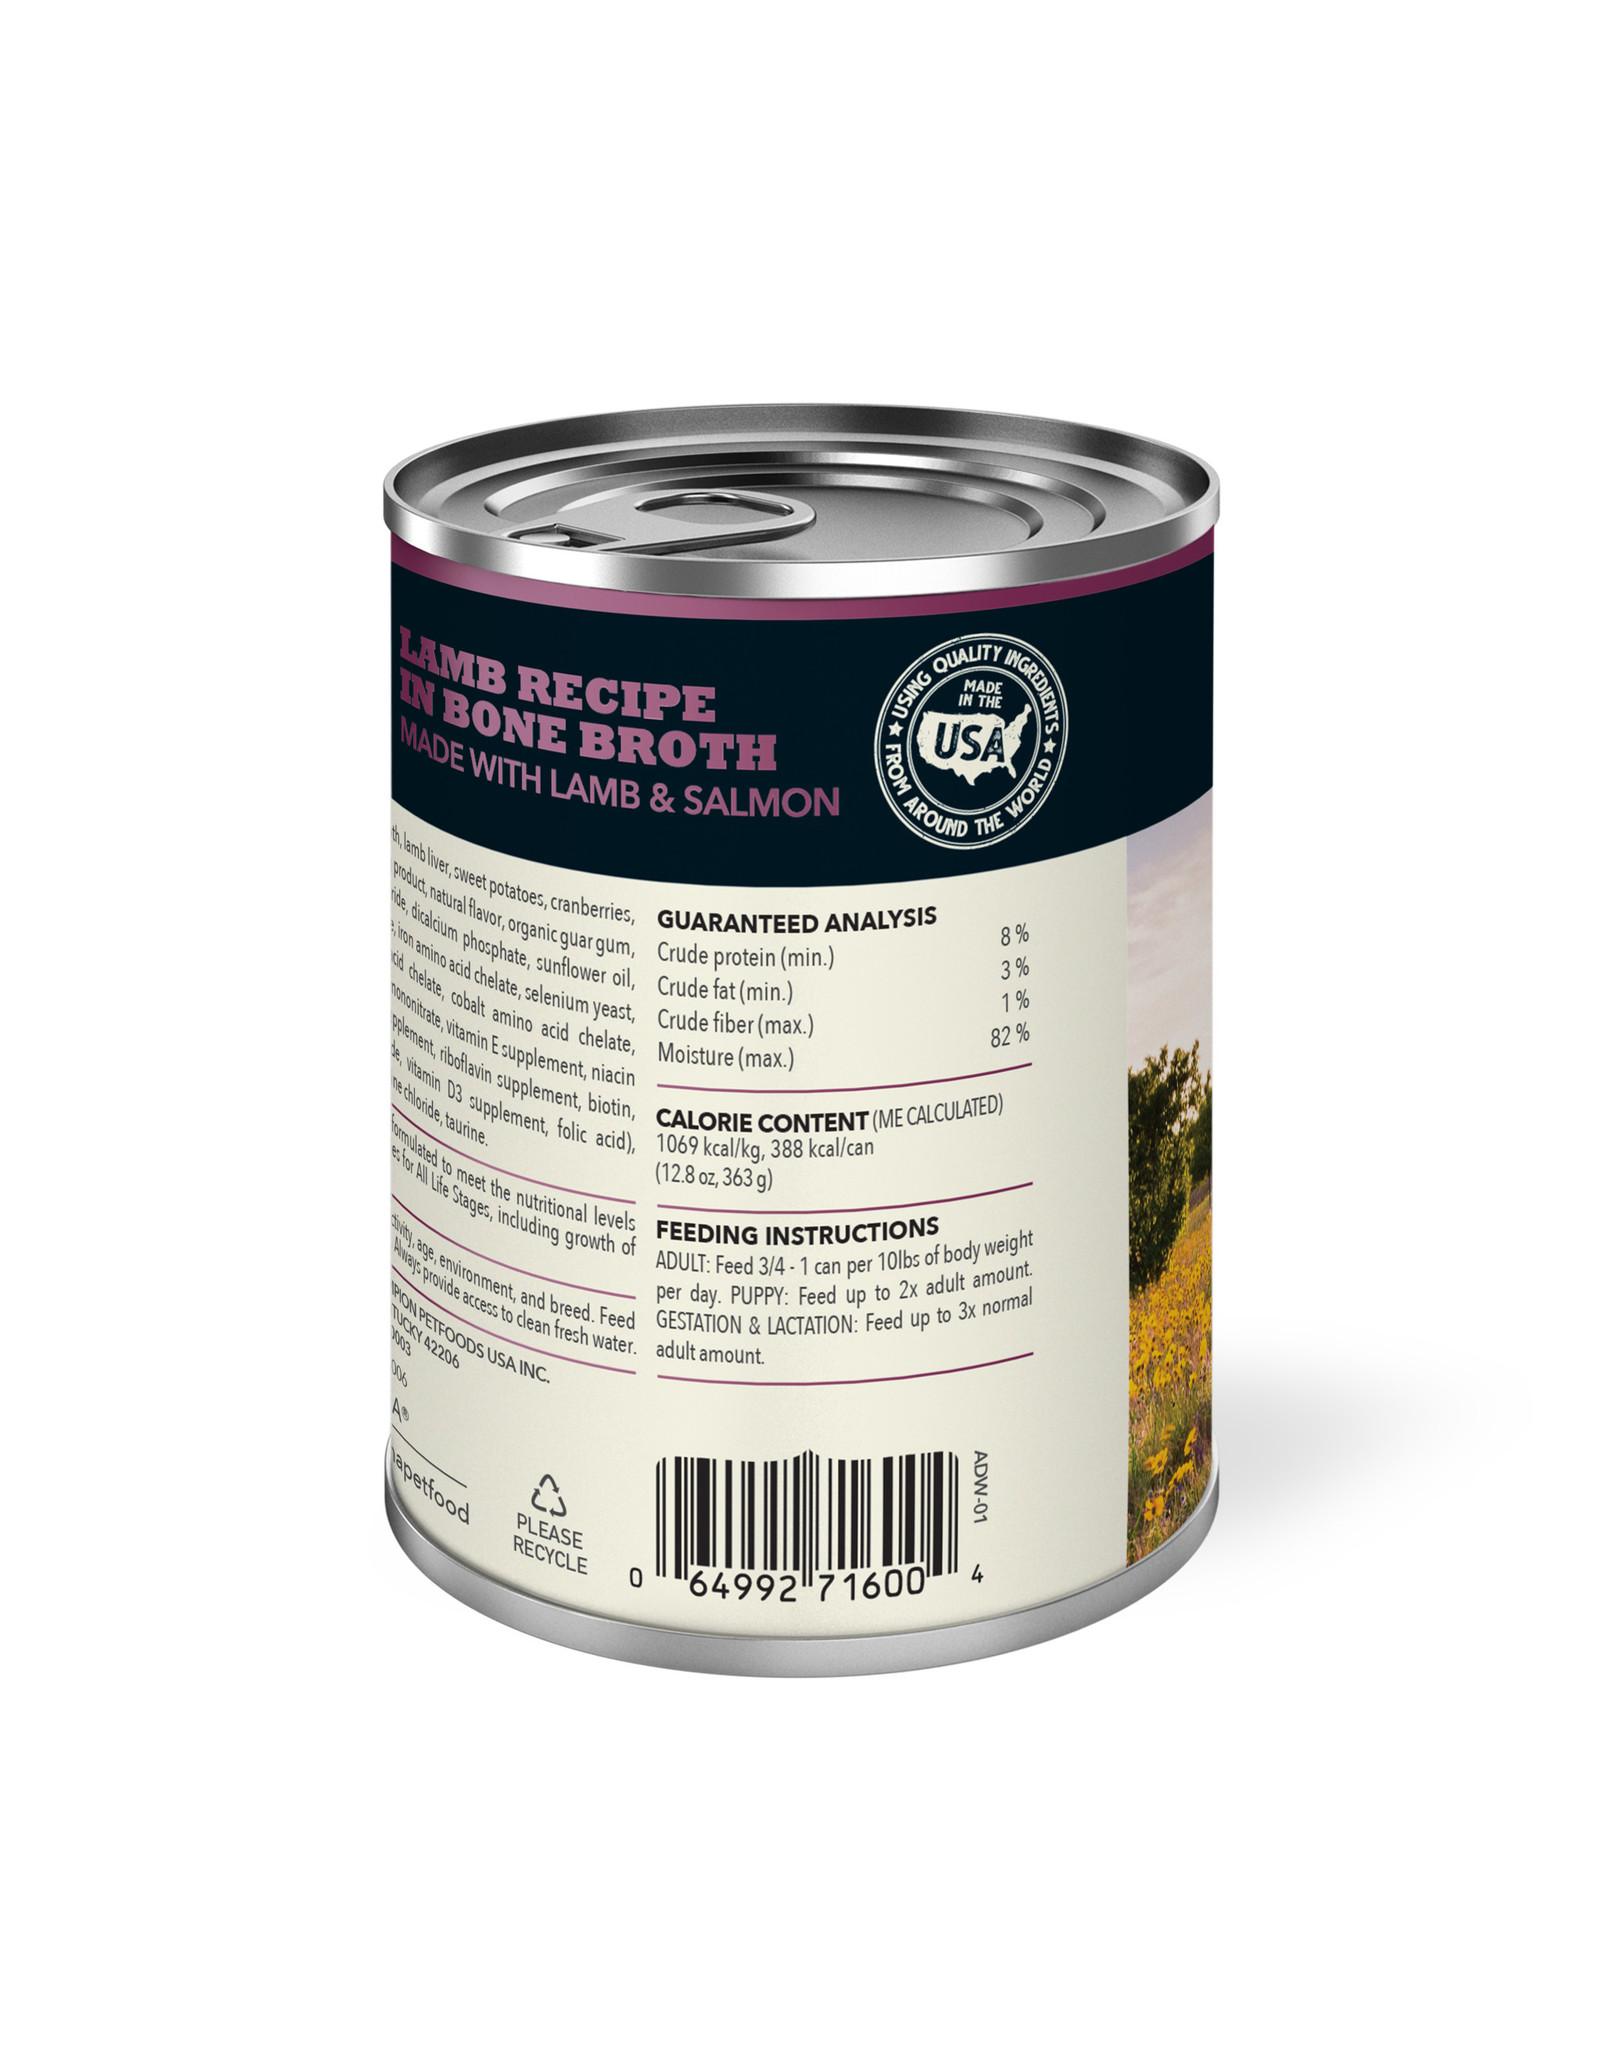 ACANA ACANA Wet Food Lamb Recipe in Bone Broth 363g